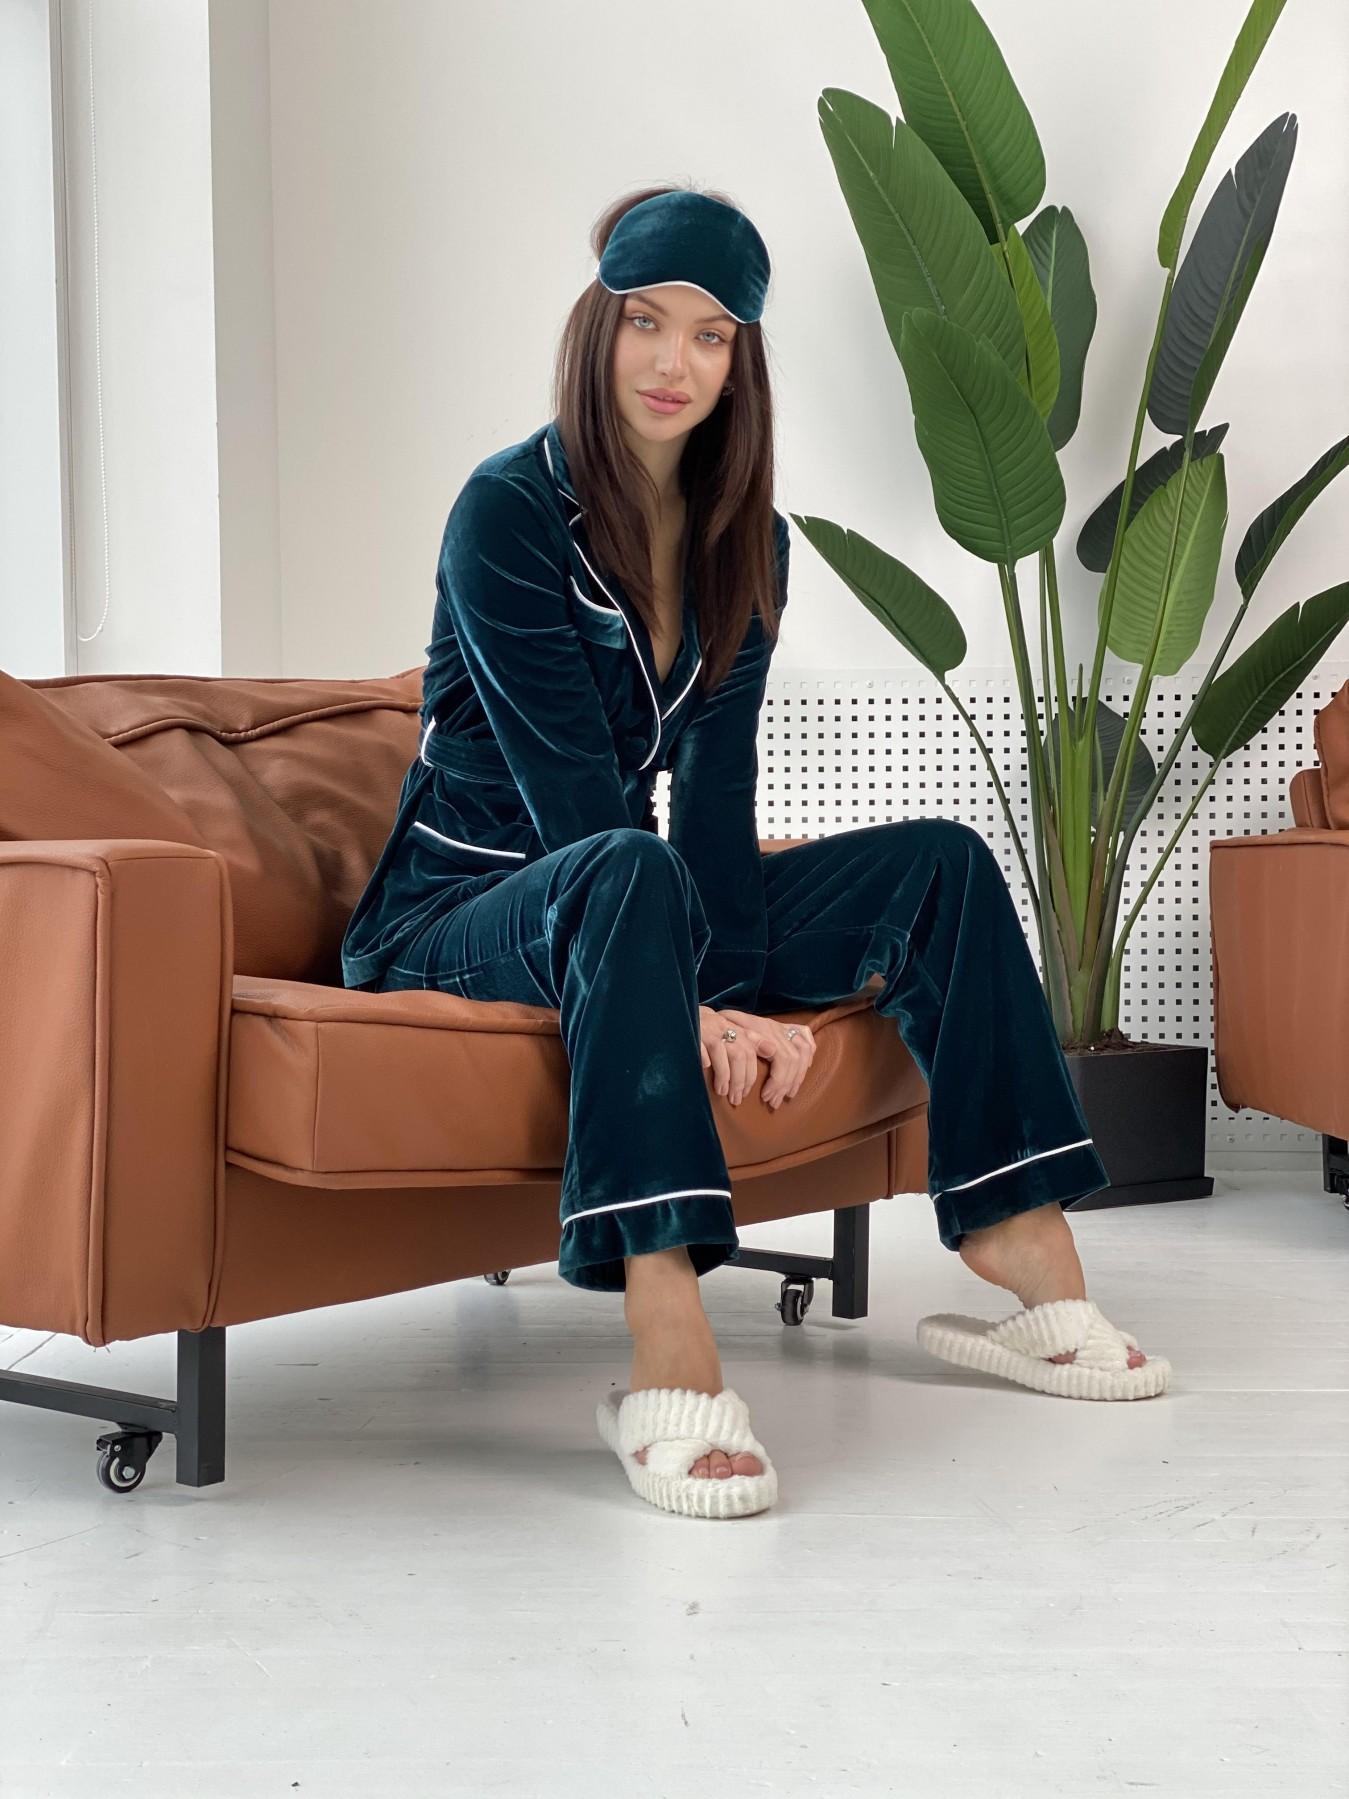 Шайн пижама велюр жакет брюки маска для сна 10353 АРТ. 47087 Цвет: Зеленый Темный - фото 2, интернет магазин tm-modus.ru